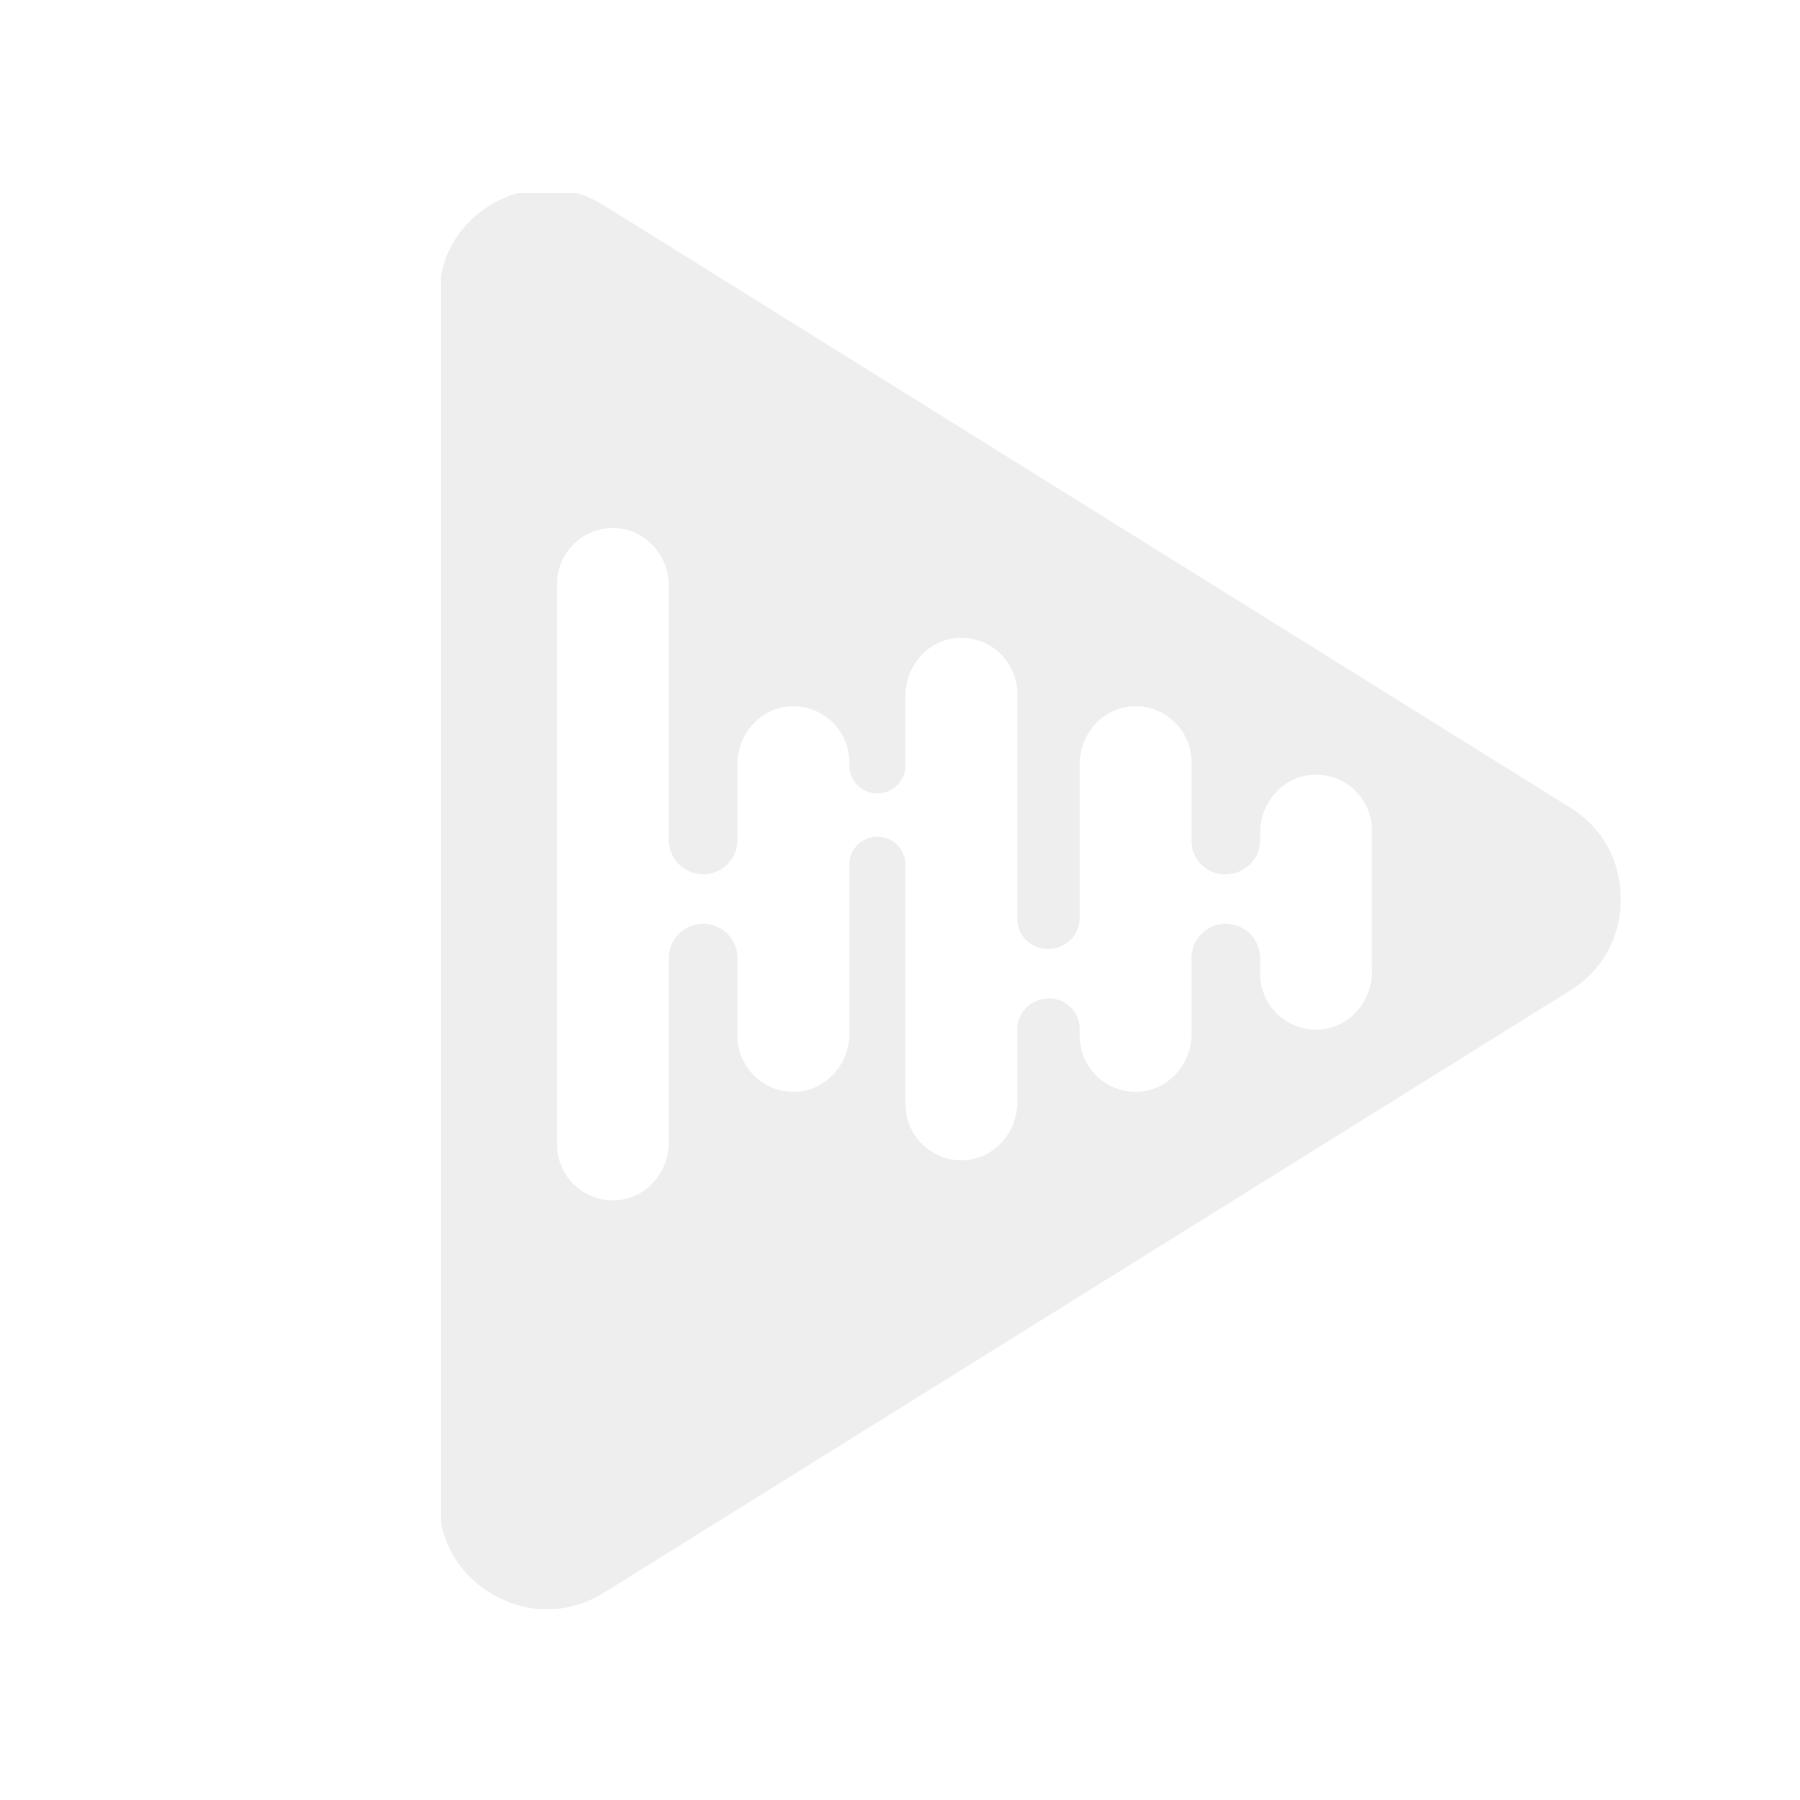 Grandview 148819 - Motor lerret Cyber 292x164, 16:9, 12v trigger, RS 232, F.Kontoll